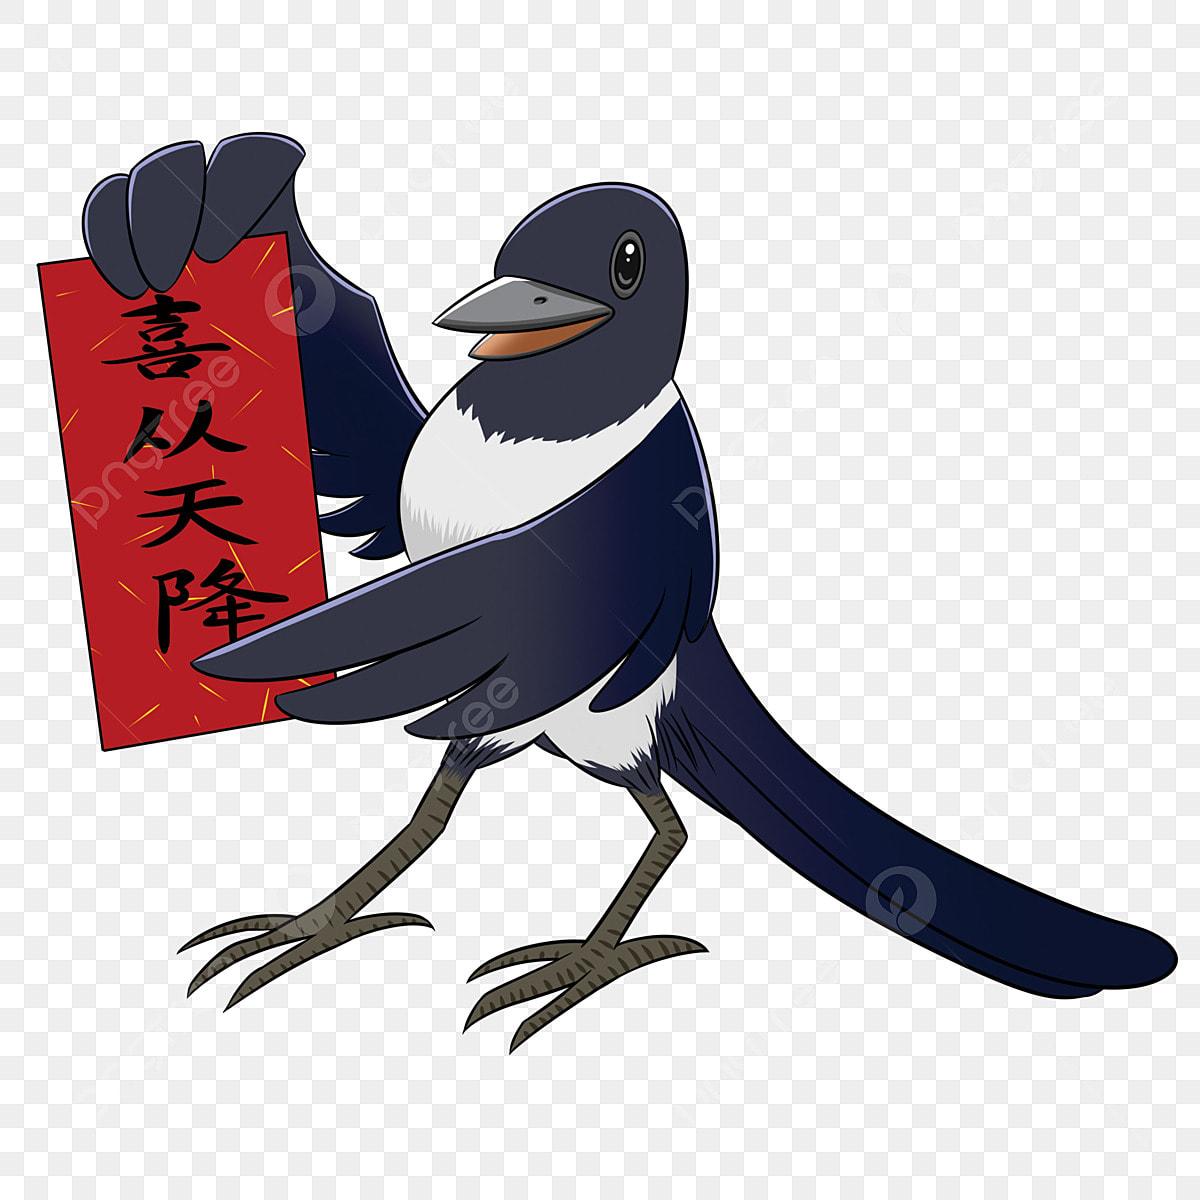 Gambar Tangan Ditarik Kartun Murai Hi Dari Syurga Burung Murai Syurga Png Dan Psd Untuk Muat Turun Percuma